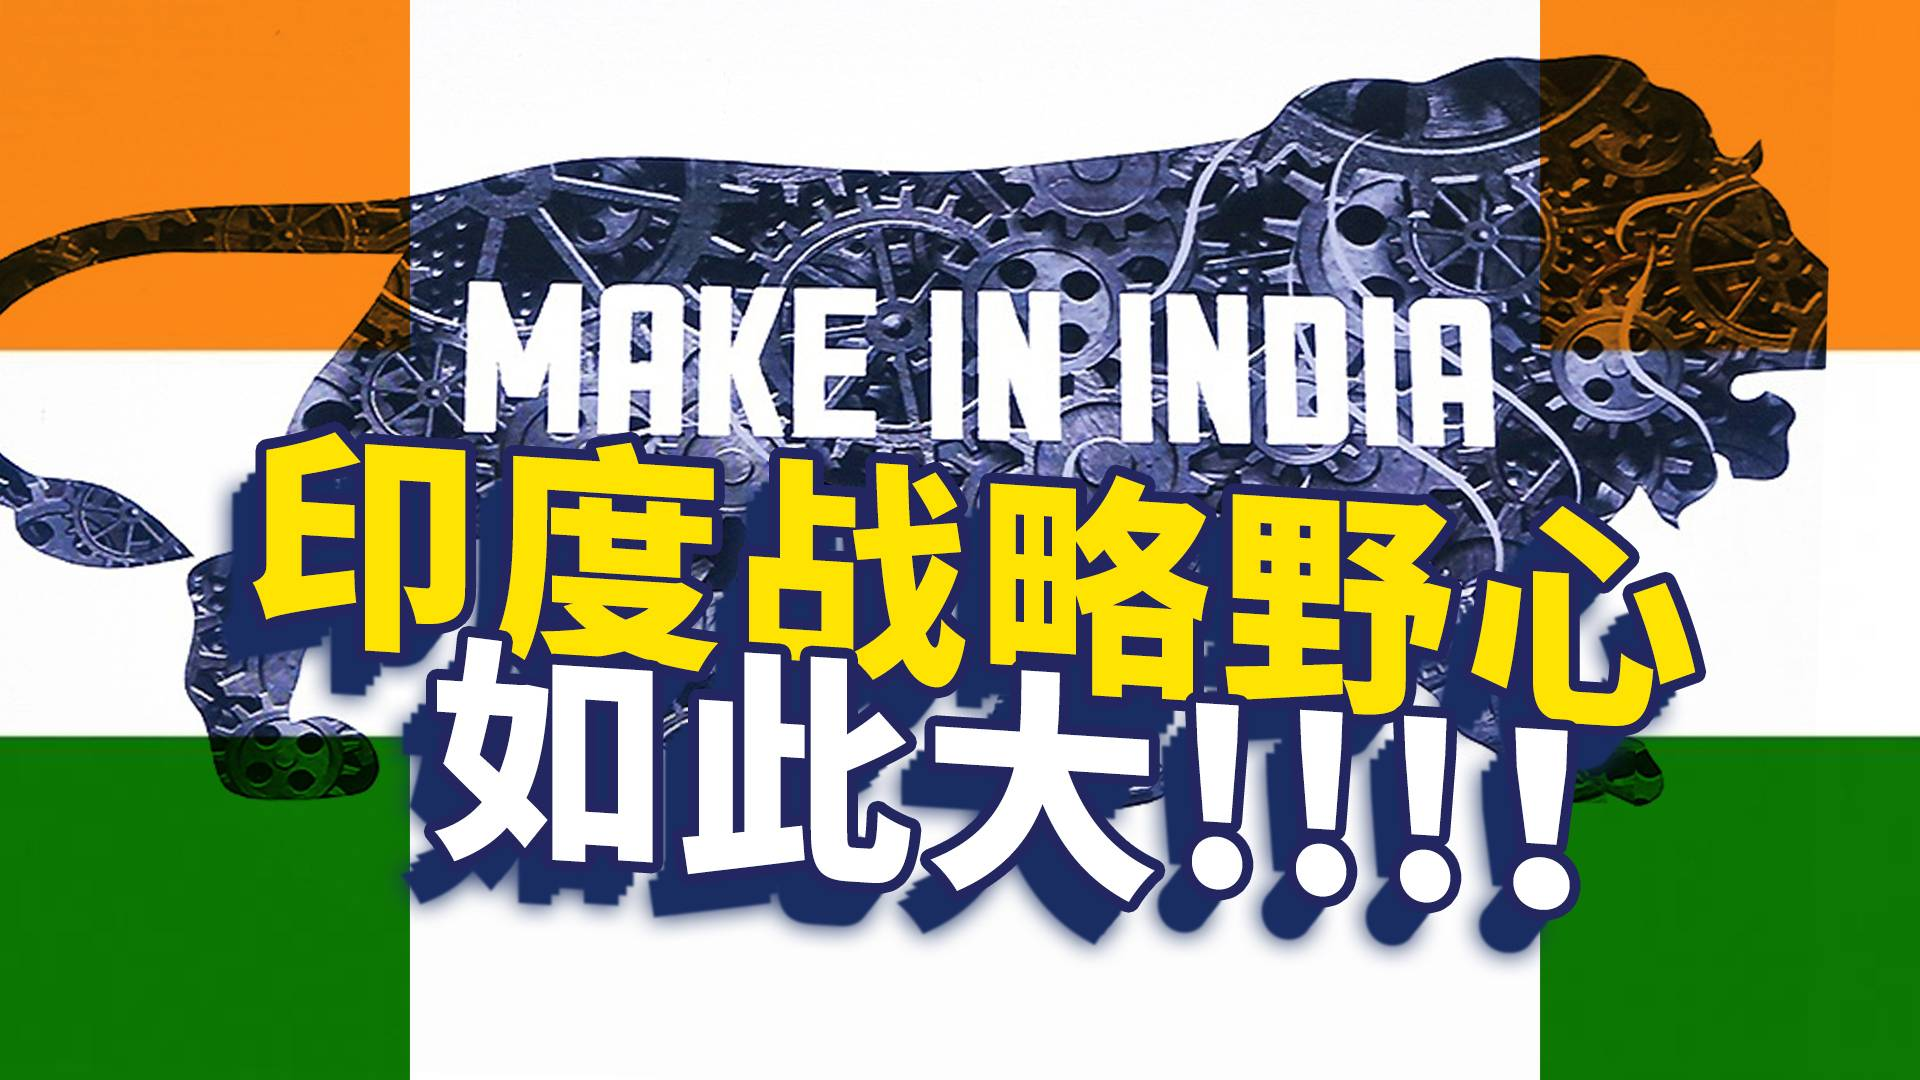 实力和野心不相称!深挖印度开挂式的大国梦和行动